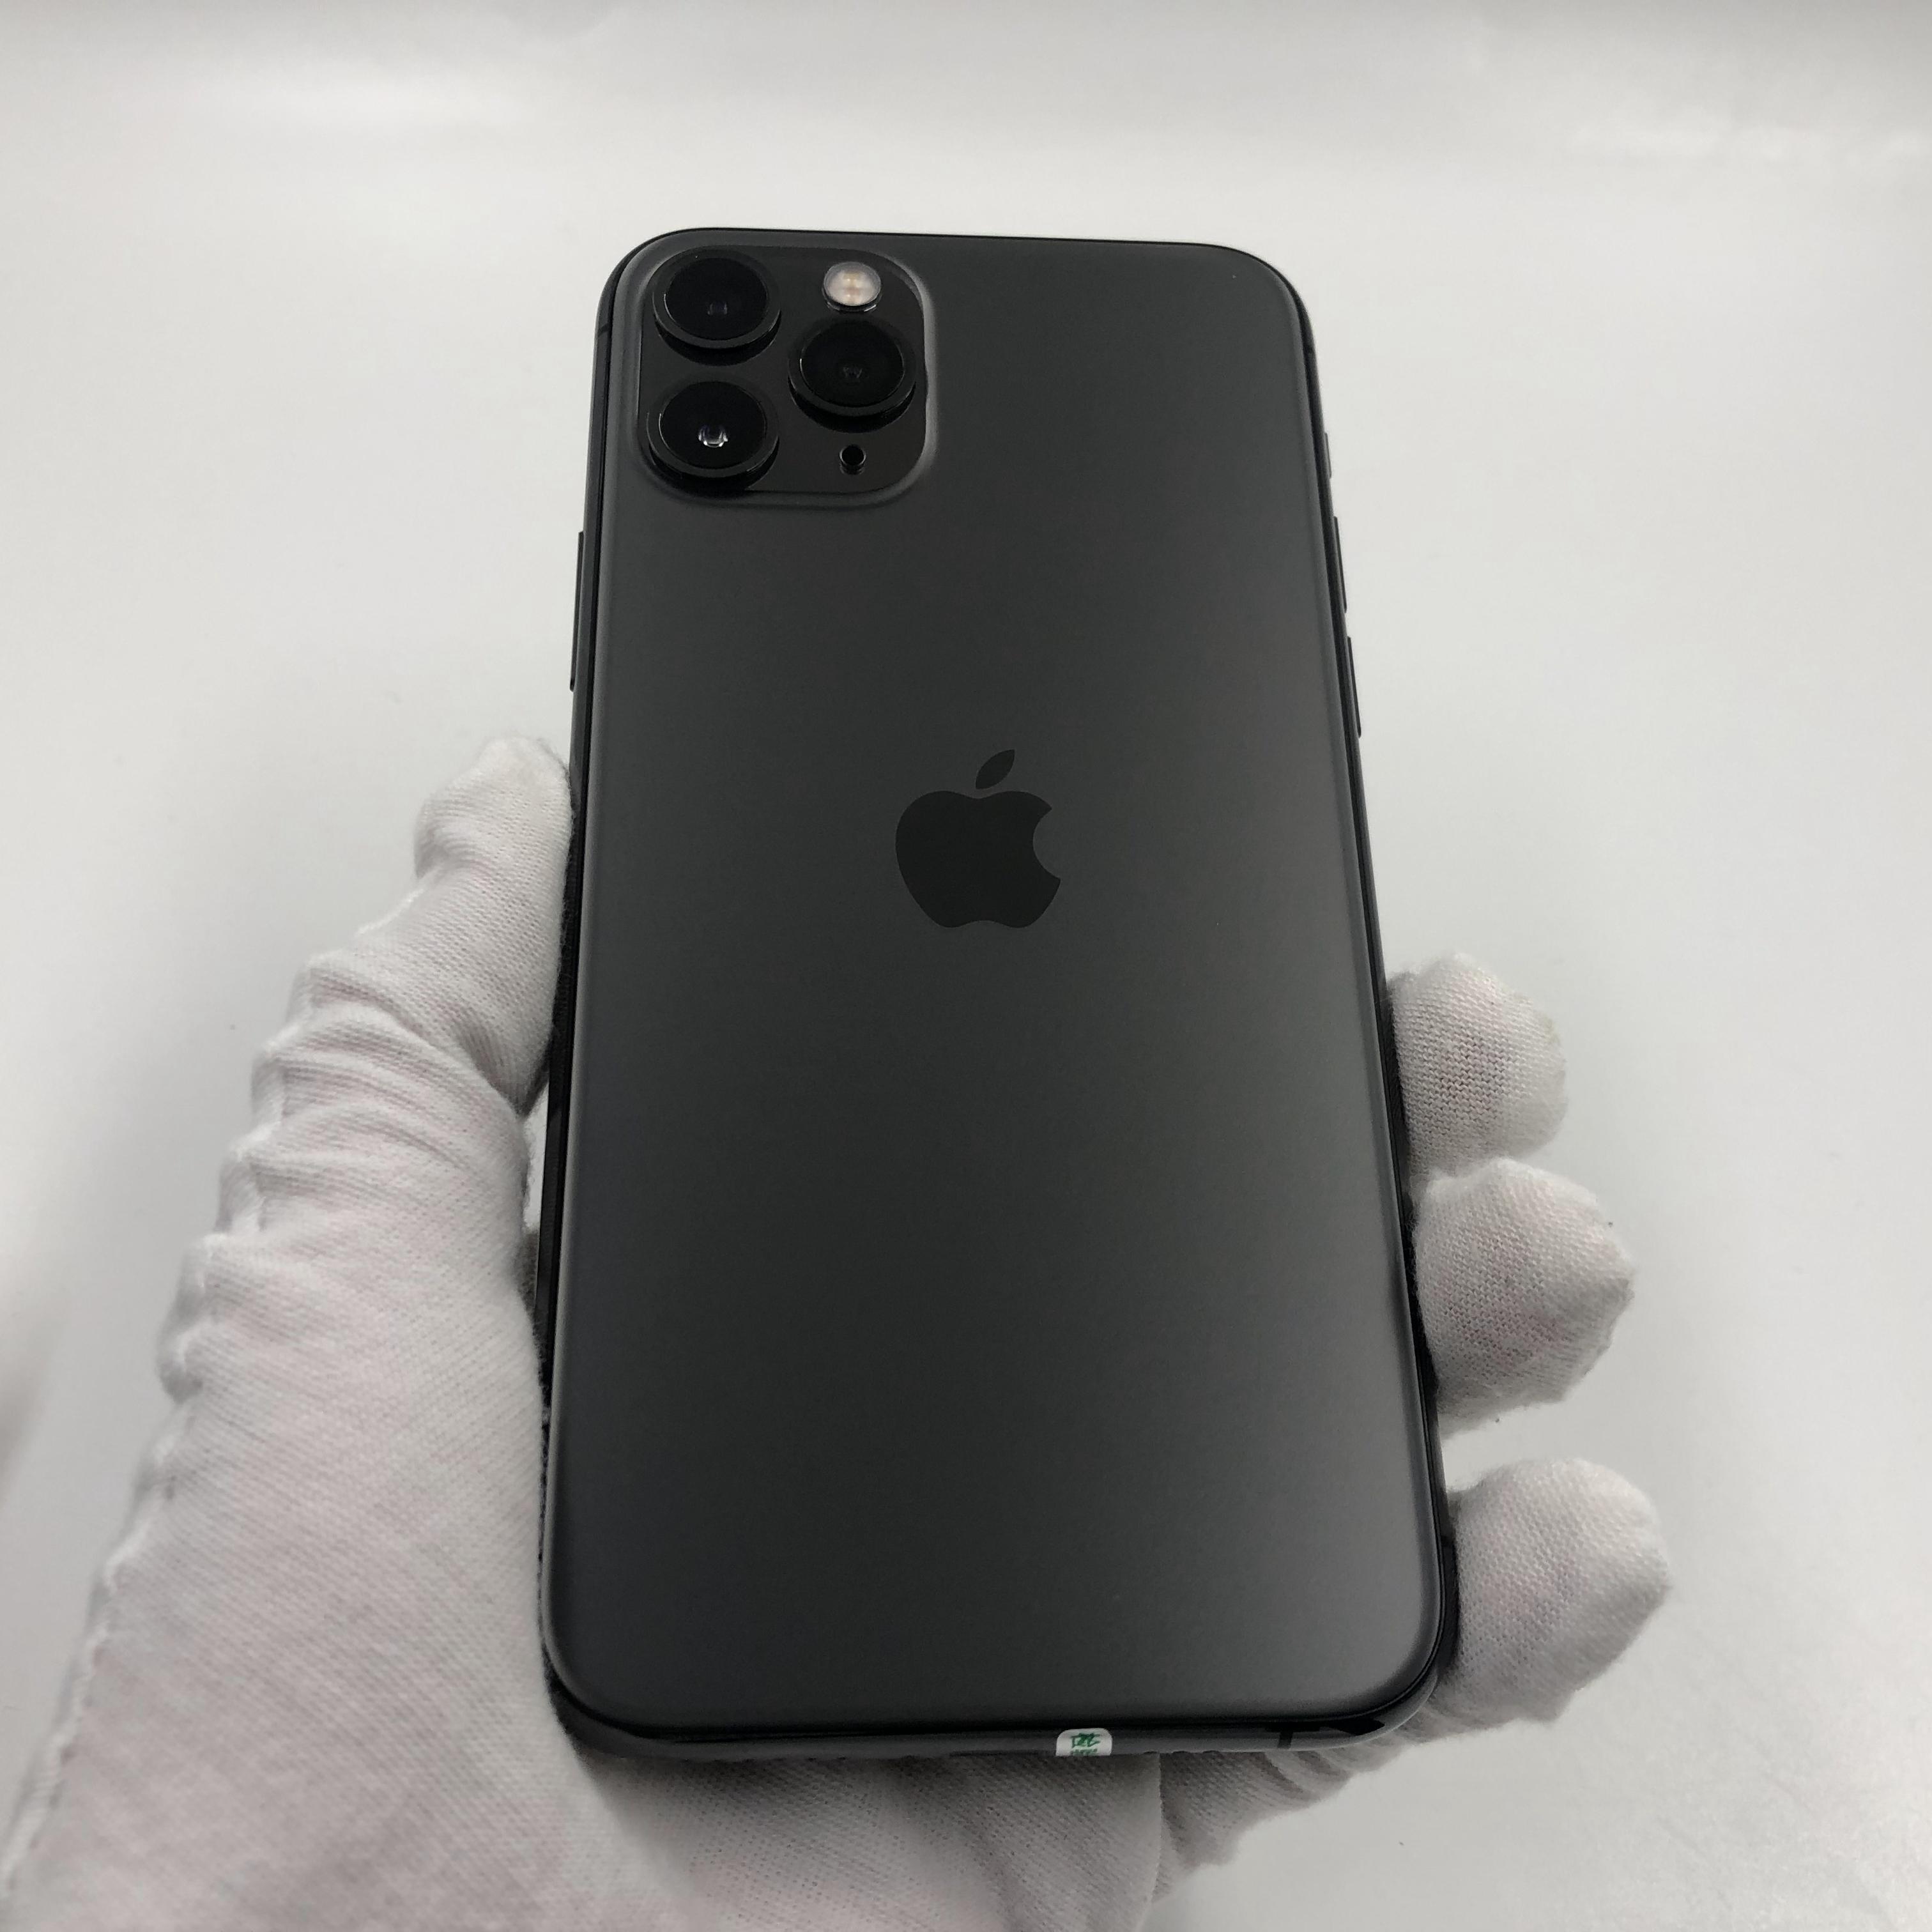 苹果【iPhone 11 Pro】4G全网通 深空灰 256G 国行 95新 真机实拍保修2022-02-22